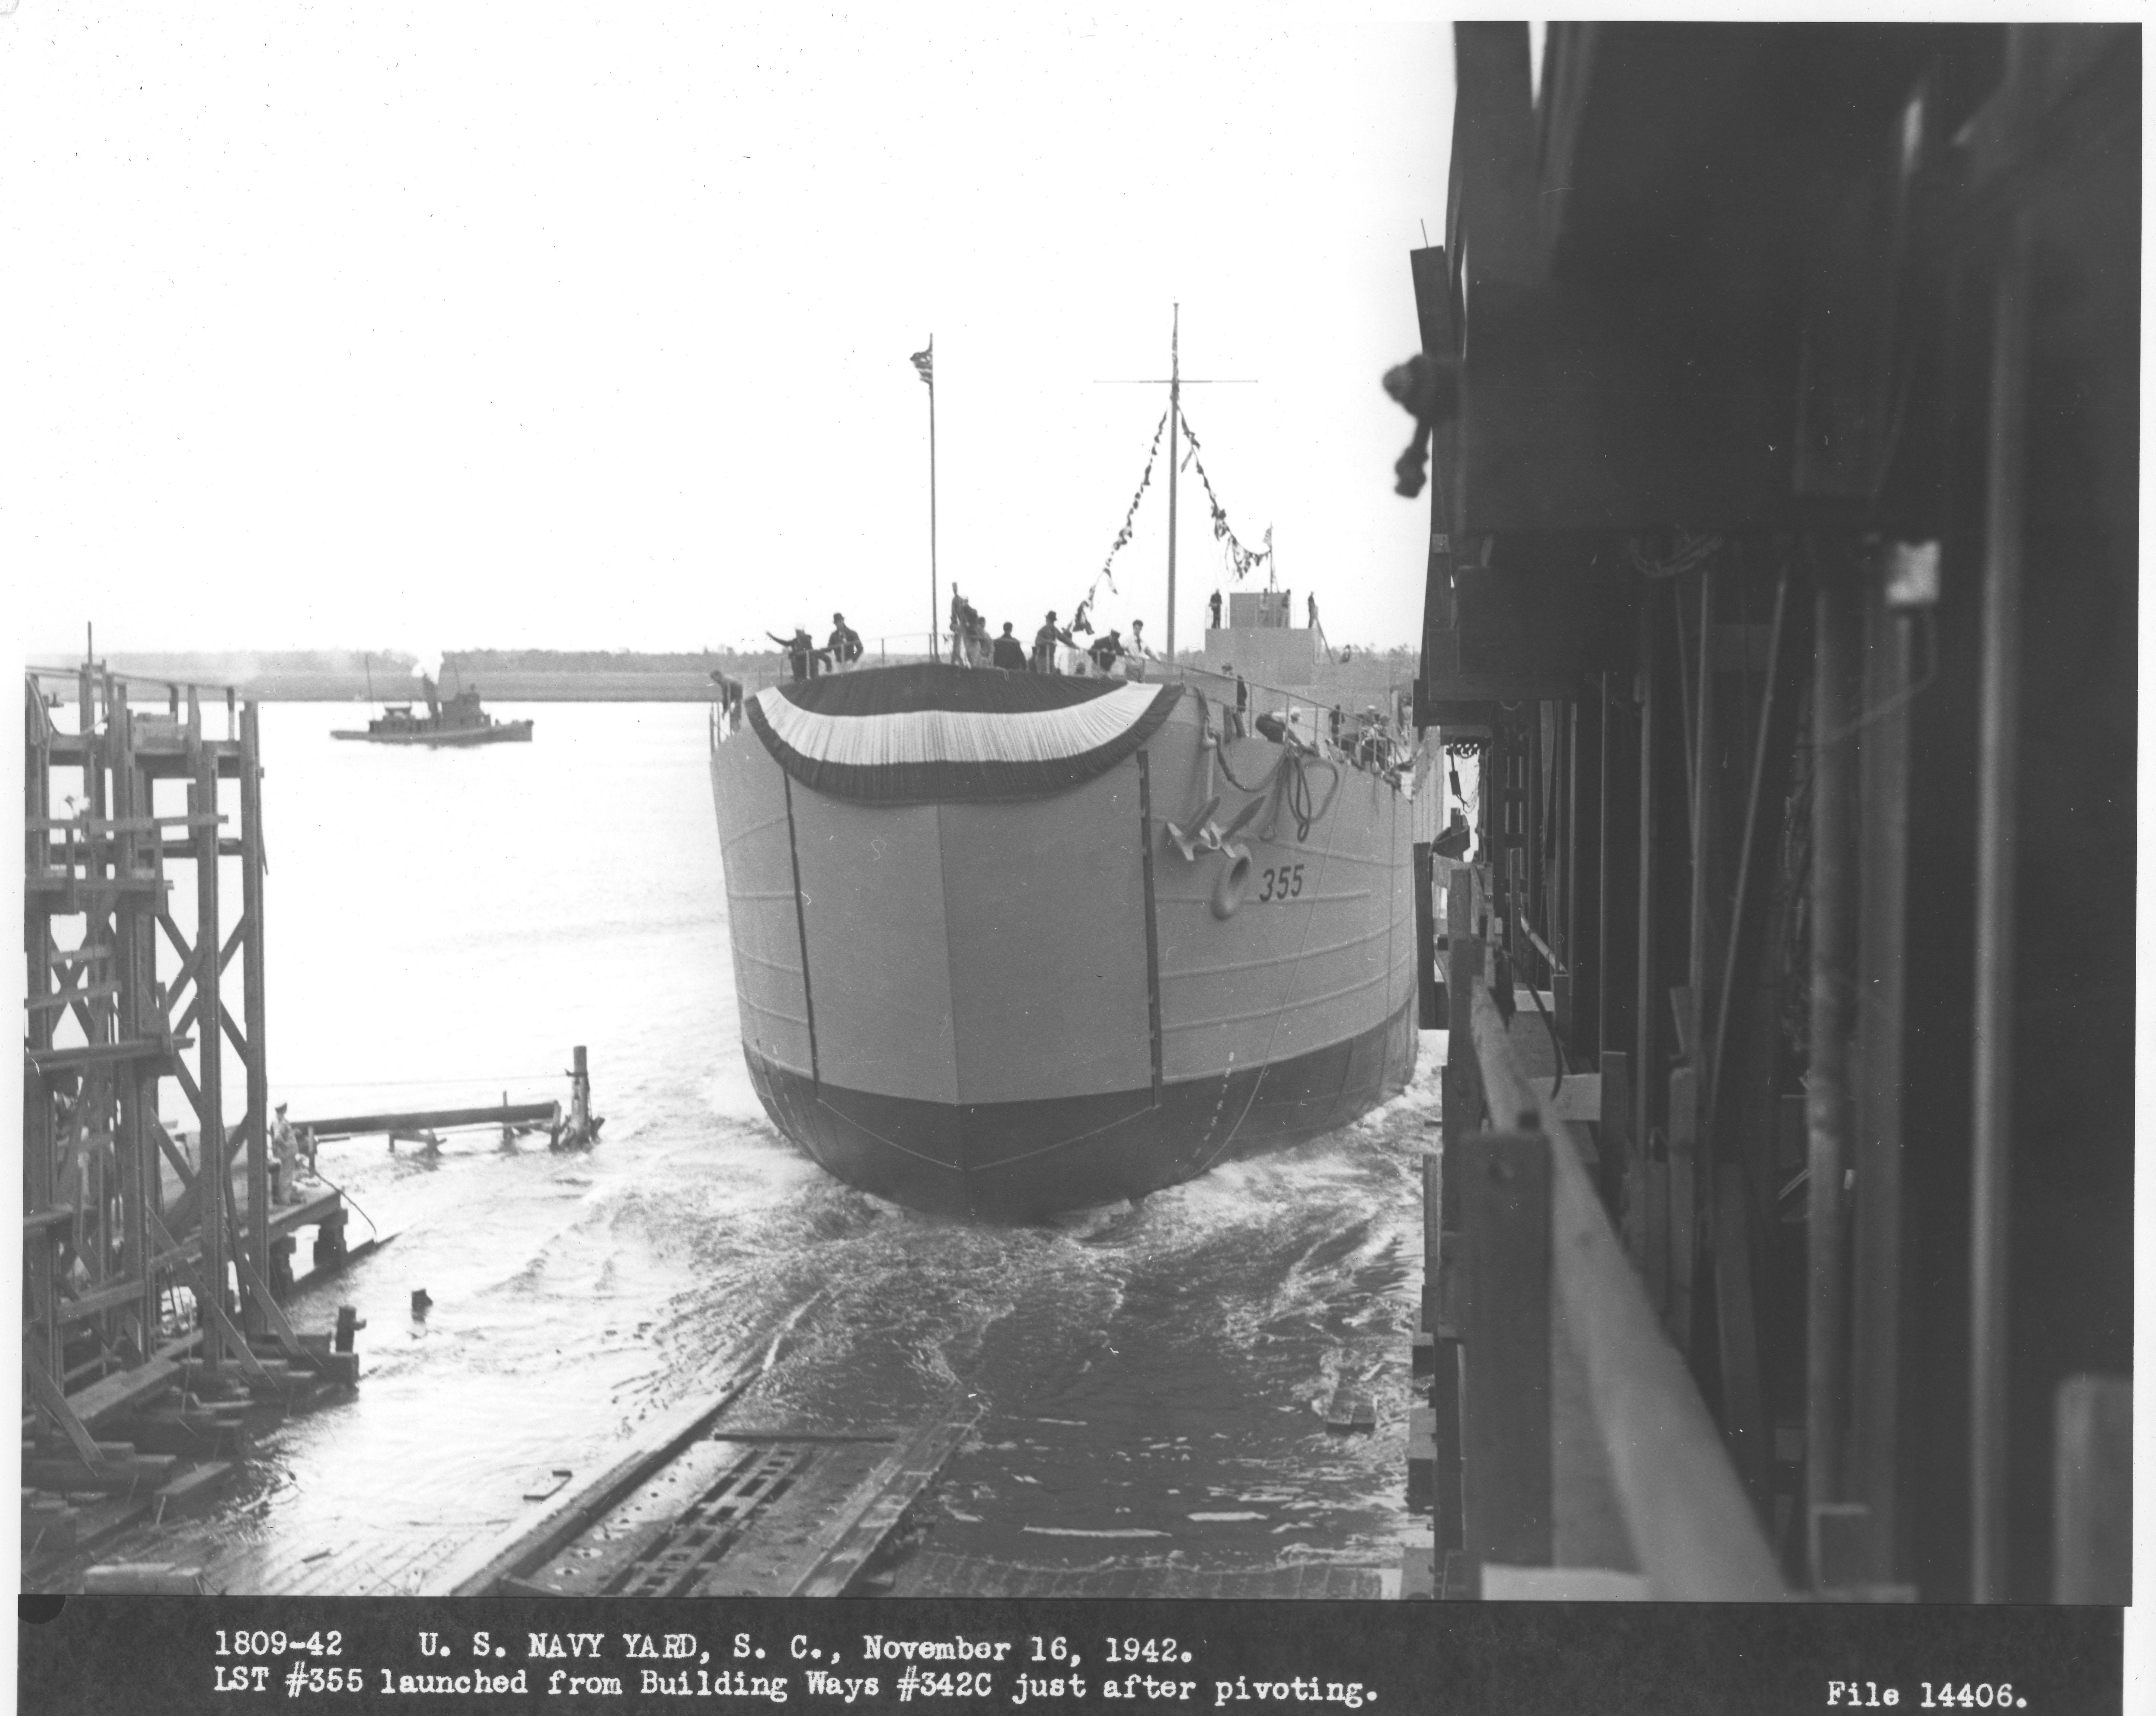 LST 355